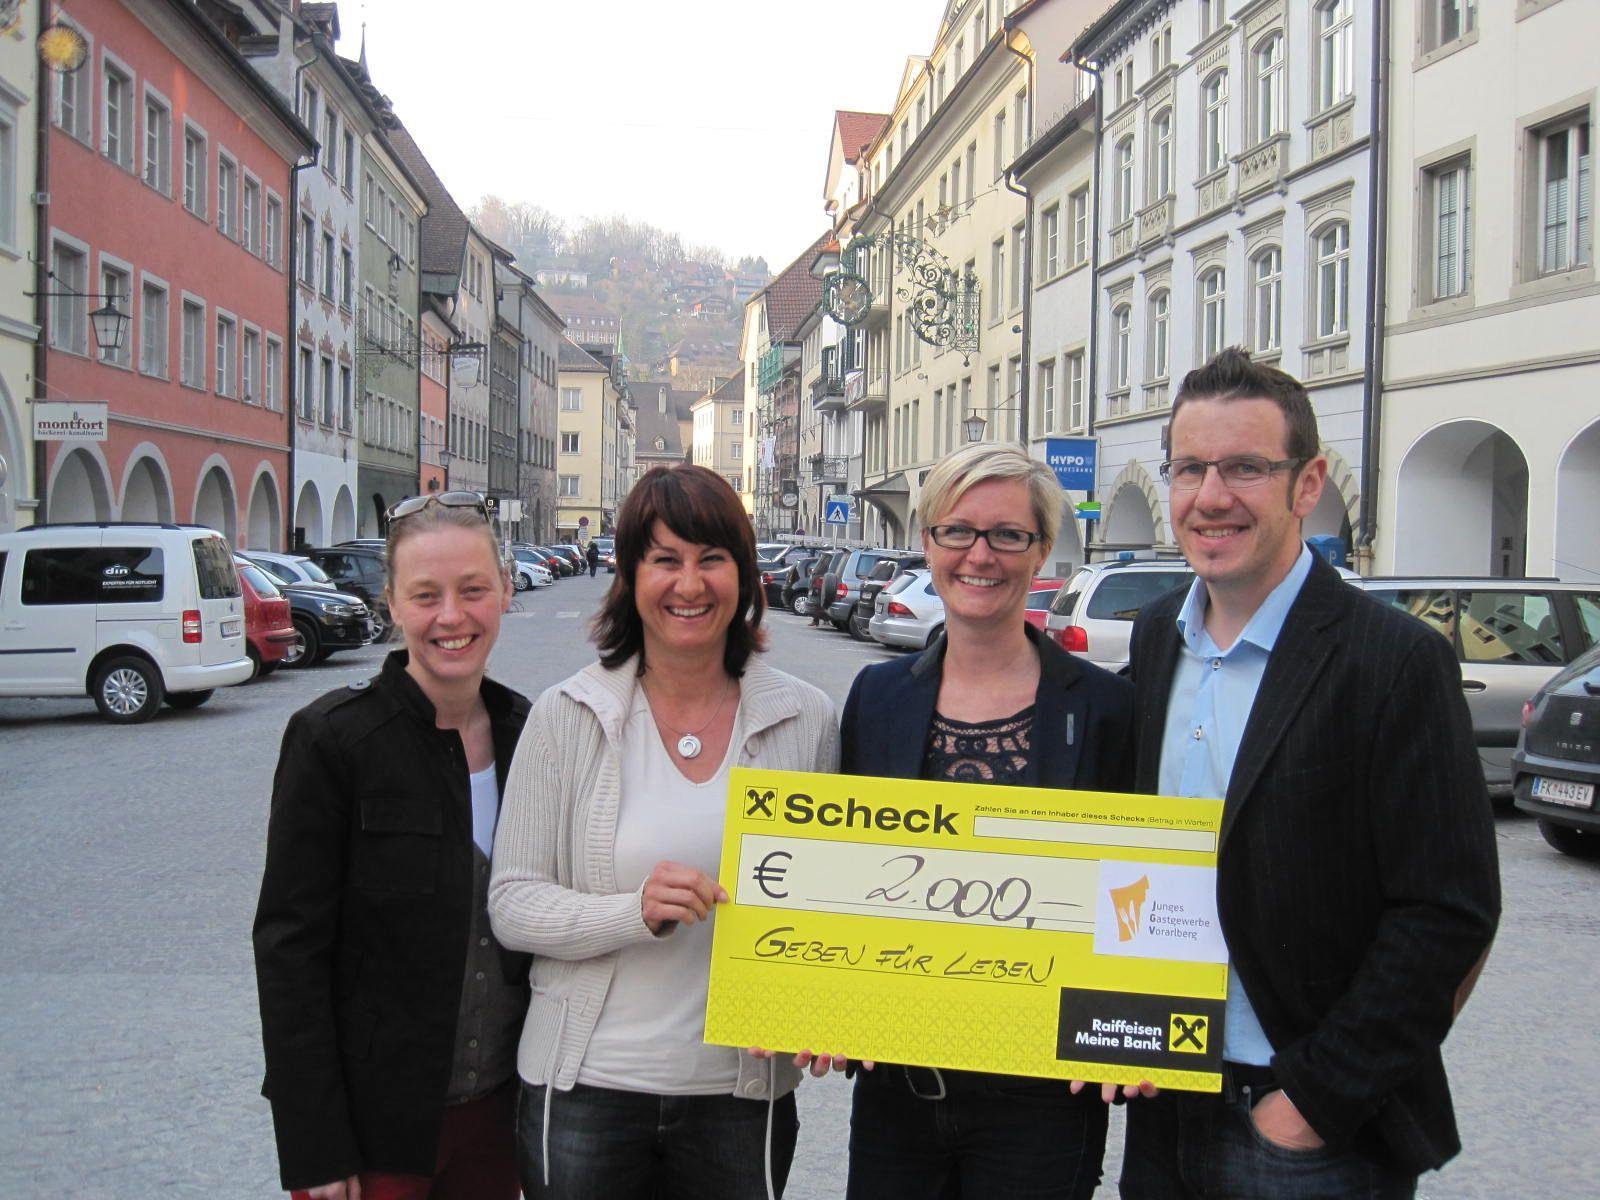 Das junge Gastgewerbe spendet dem Verein Geben für Leben die stolze Summe von 2000 Euro.